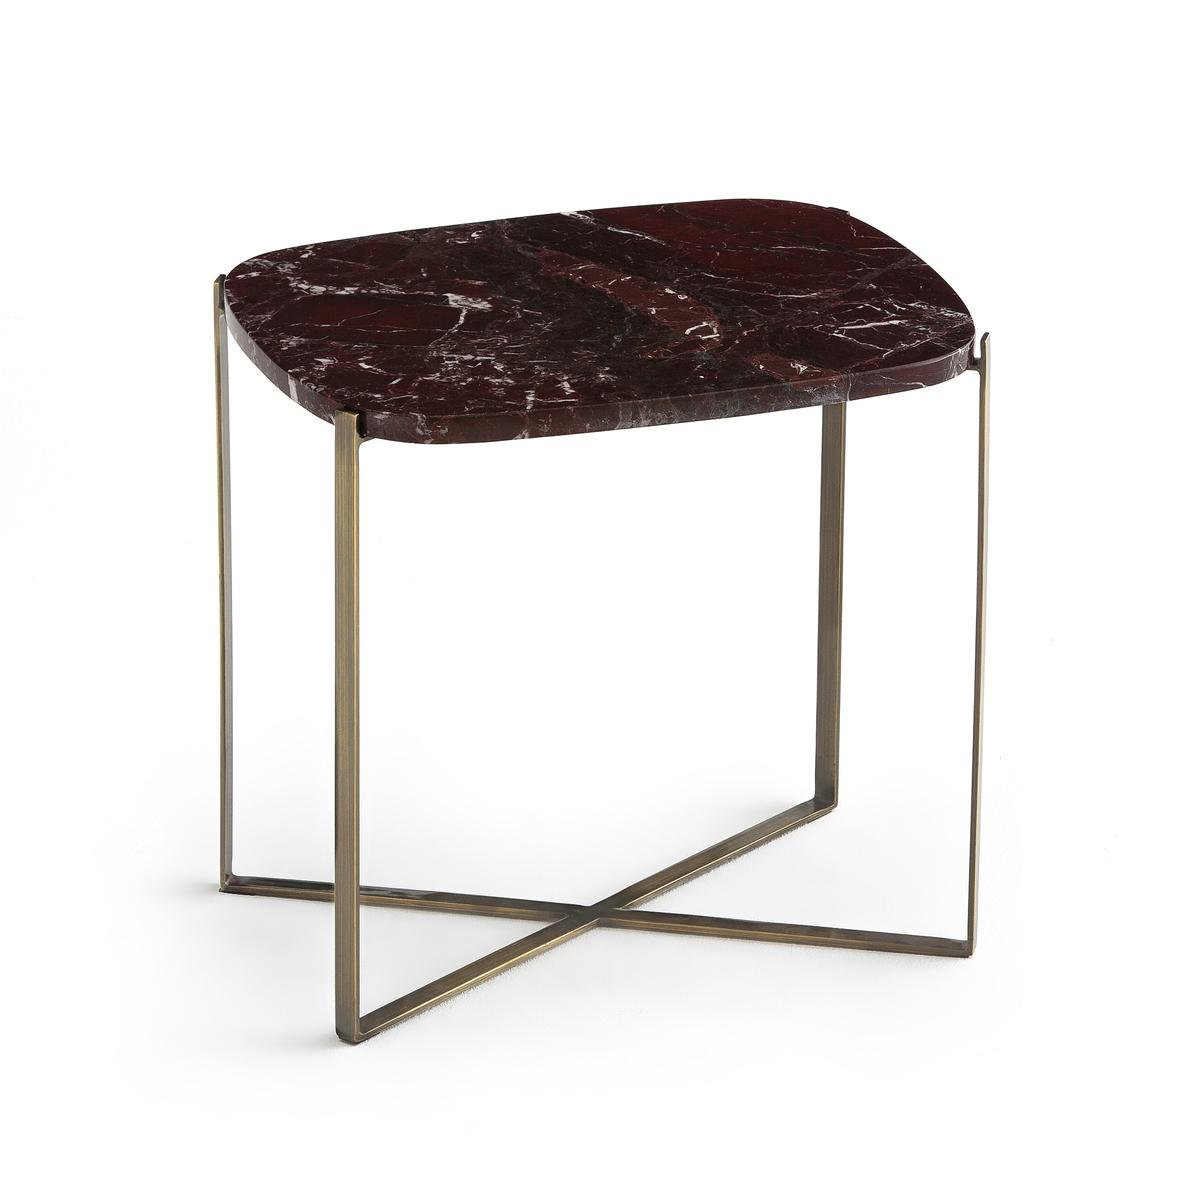 Столик журнальный прямоугольный . мрамор ArambolПрямоугольный диванный столик Arambol. Удачное сочетание столешницы из мрамора и тонкого каркаса с состаренным эффектом. Можно использовать отдельно или в сочетании с овальным диванным столиком.Характеристики : - Столешница из мрамора, толщиной 1,5 см. Каждое изделие уникально  . Прожилки могут  быть более или менее заметны  .- Каркас из металла с отделкой из латуни с эффектом старения- Органическая форма- Данная модель легко собирается, инструкция по сборке прилагаетсяРазмеры : - Ш.41 x В.38 x Г.31,7 смРазмеры и вес ящика : - Ш.2,5 x В.10 x Г.46,4 см, 5,82 кг et Ш.42 x В.42 x Г.27,5 см, 2,38 кгДоставка :Доставка по предварительной договоренности, возможен подъём на этаж ! Внимание! Убедитесь в том, что товар возможно доставить на дом, учитывая его габариты (проходит в двери, по лестницам, в лифты).<br><br>Цвет: Бордовый мрамор,Зеленый мрамор<br>Размер: единый размер